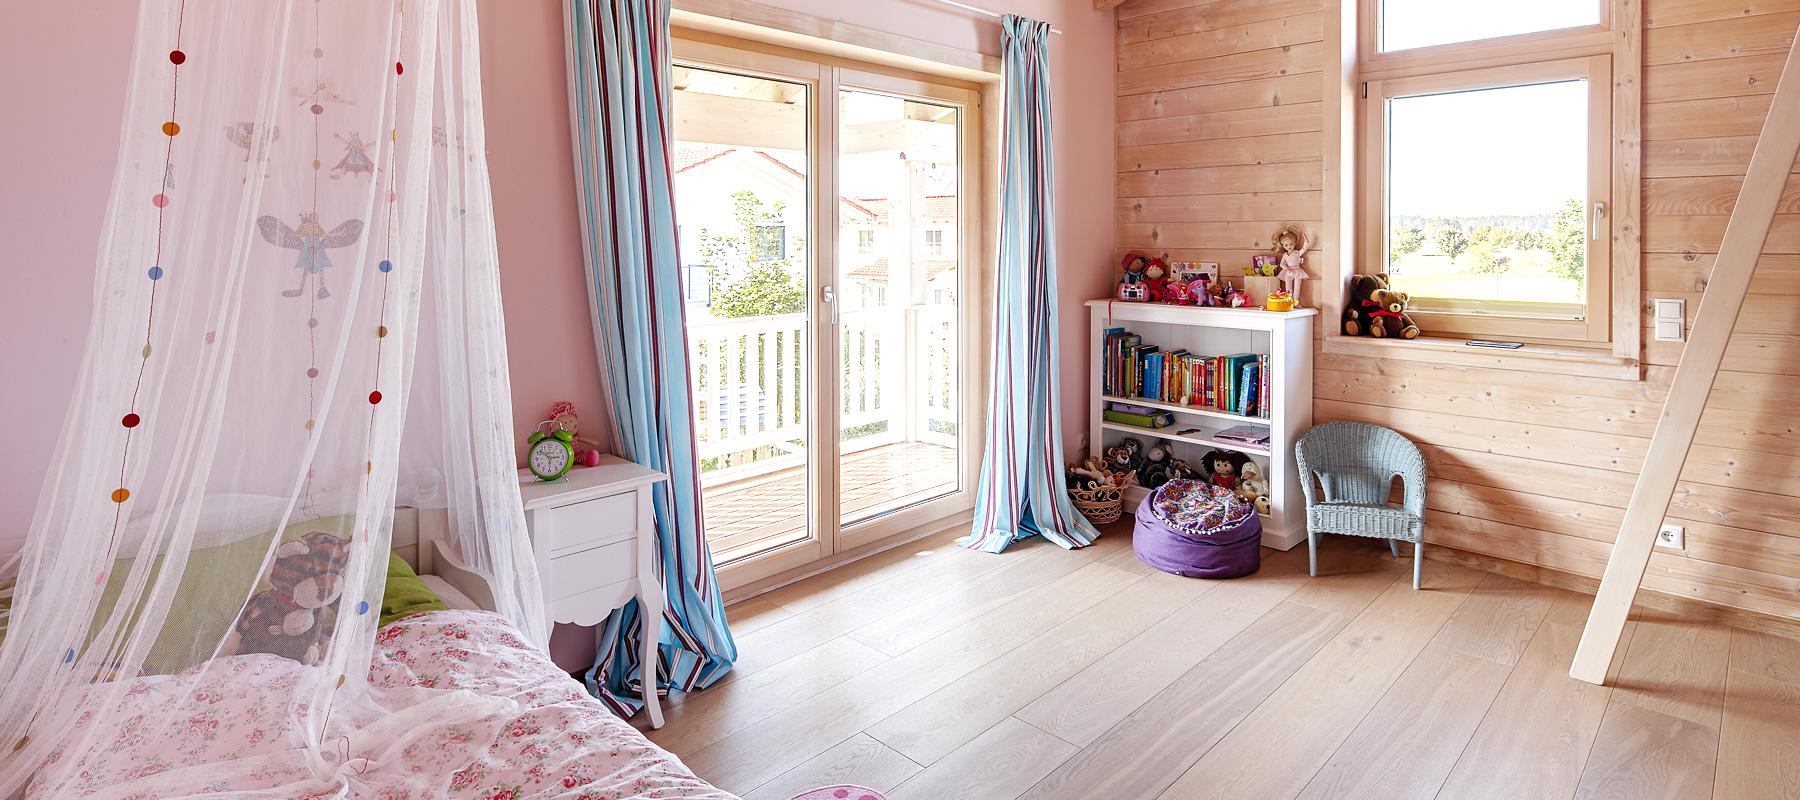 kinderzimmer und kinderm bel aus echtholz bauen sie ihr holzhaus passivhaus. Black Bedroom Furniture Sets. Home Design Ideas